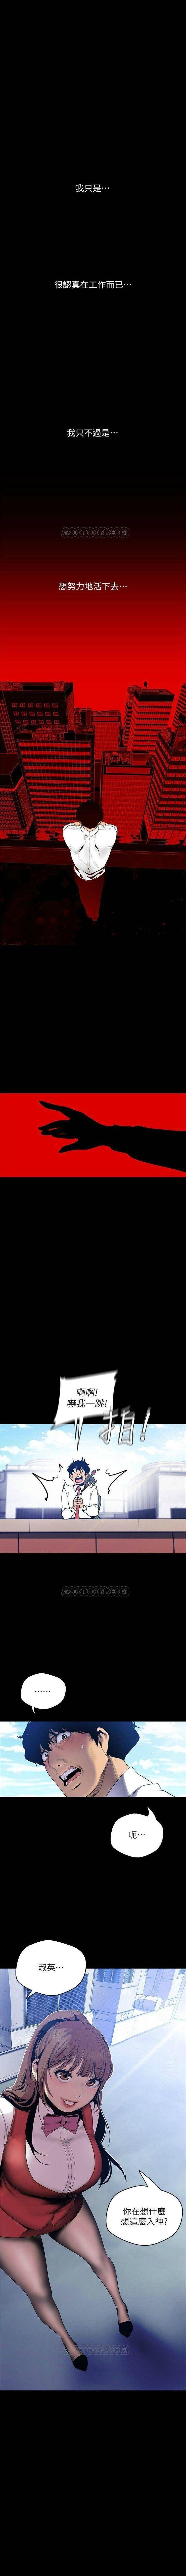 (週1)美麗新世界 1-76 中文翻譯 (更新中) 501